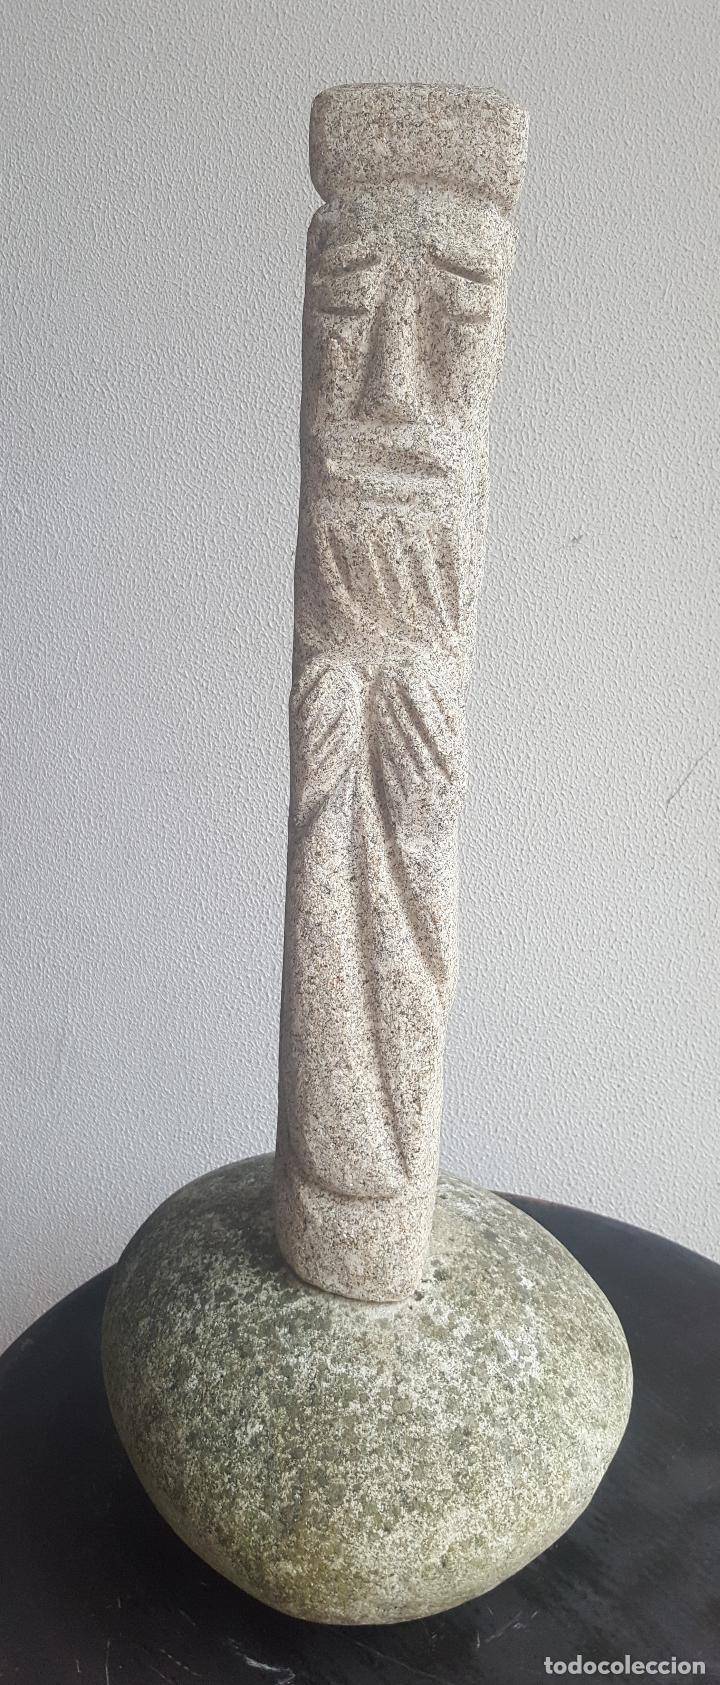 Arte: Escultura piedra personaje. - Foto 2 - 88964440